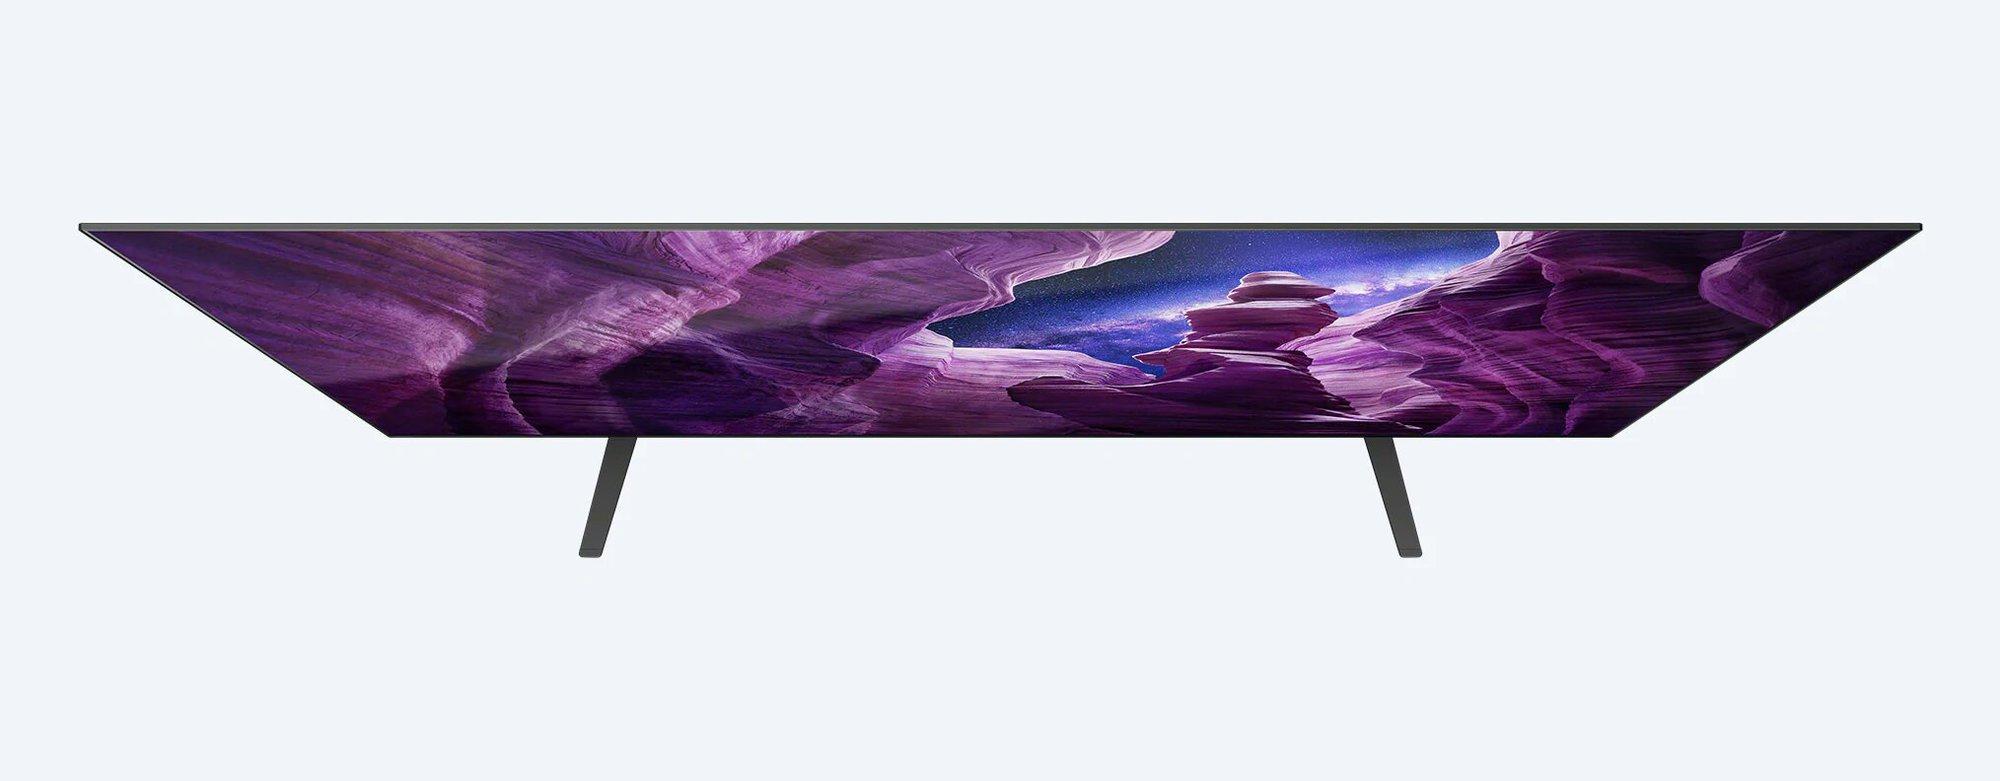 Televizor Sony KD-65A8 RU3  - 3